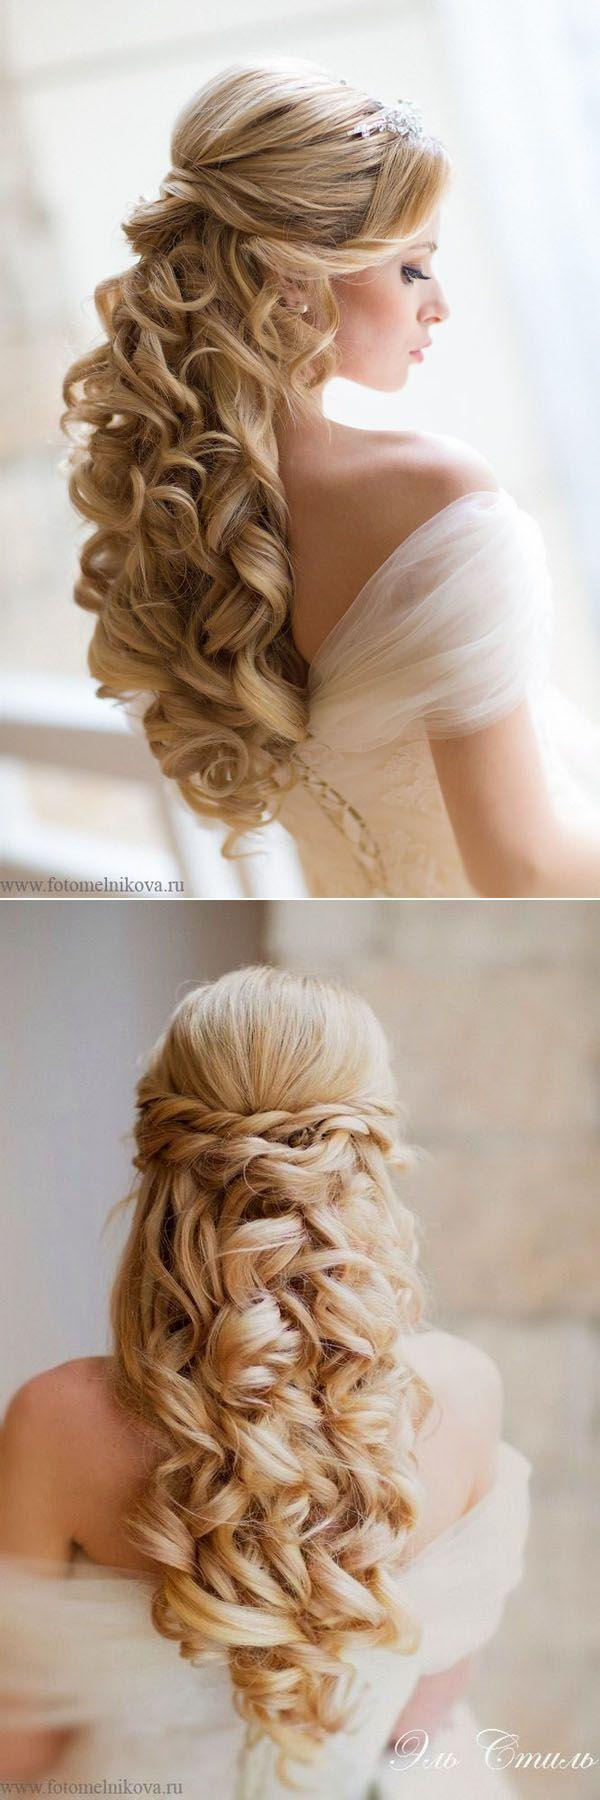 Hochzeit - Romantic Wedding Hairstyles Best Photos